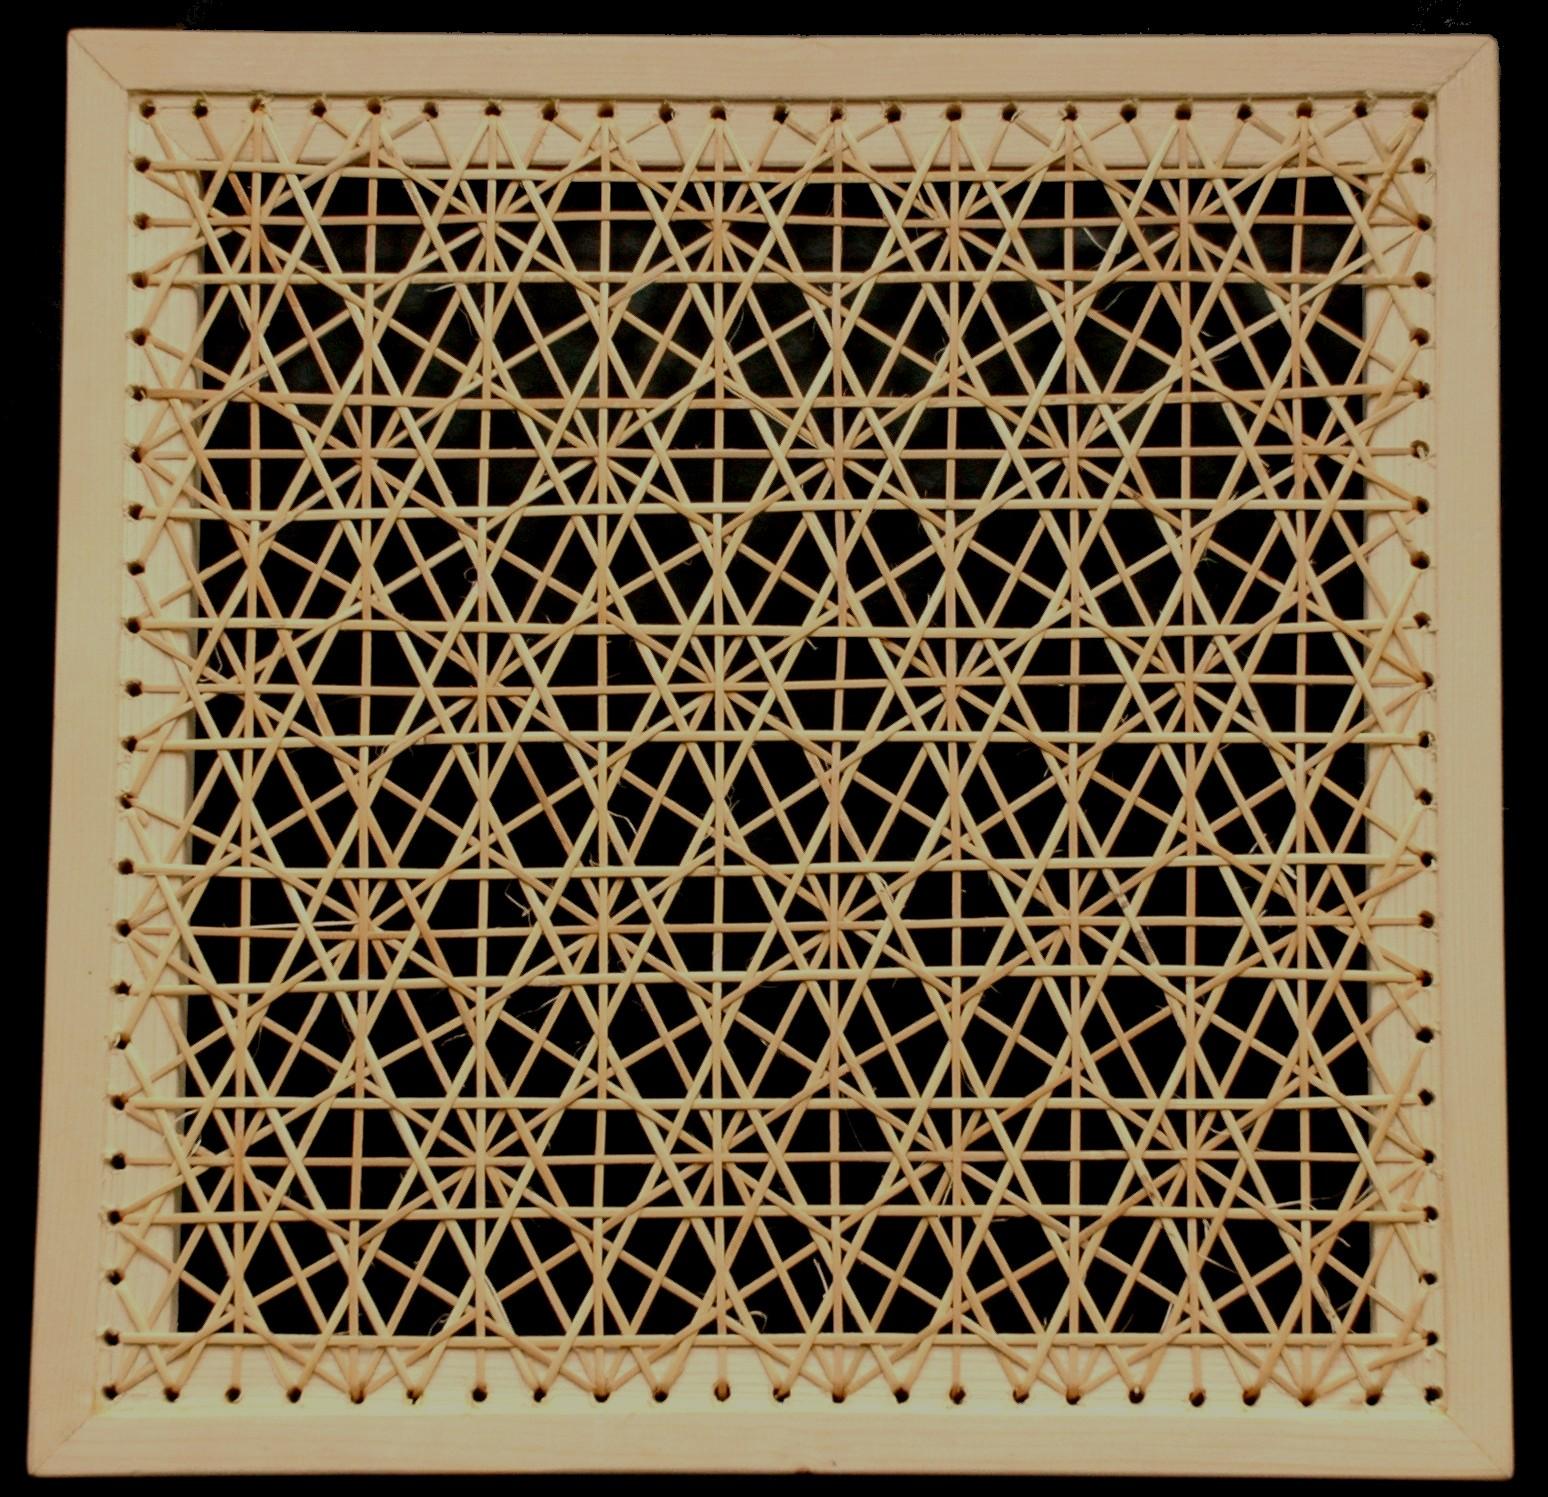 gaatjesmat motief spinnenweb met rotan gevlochten